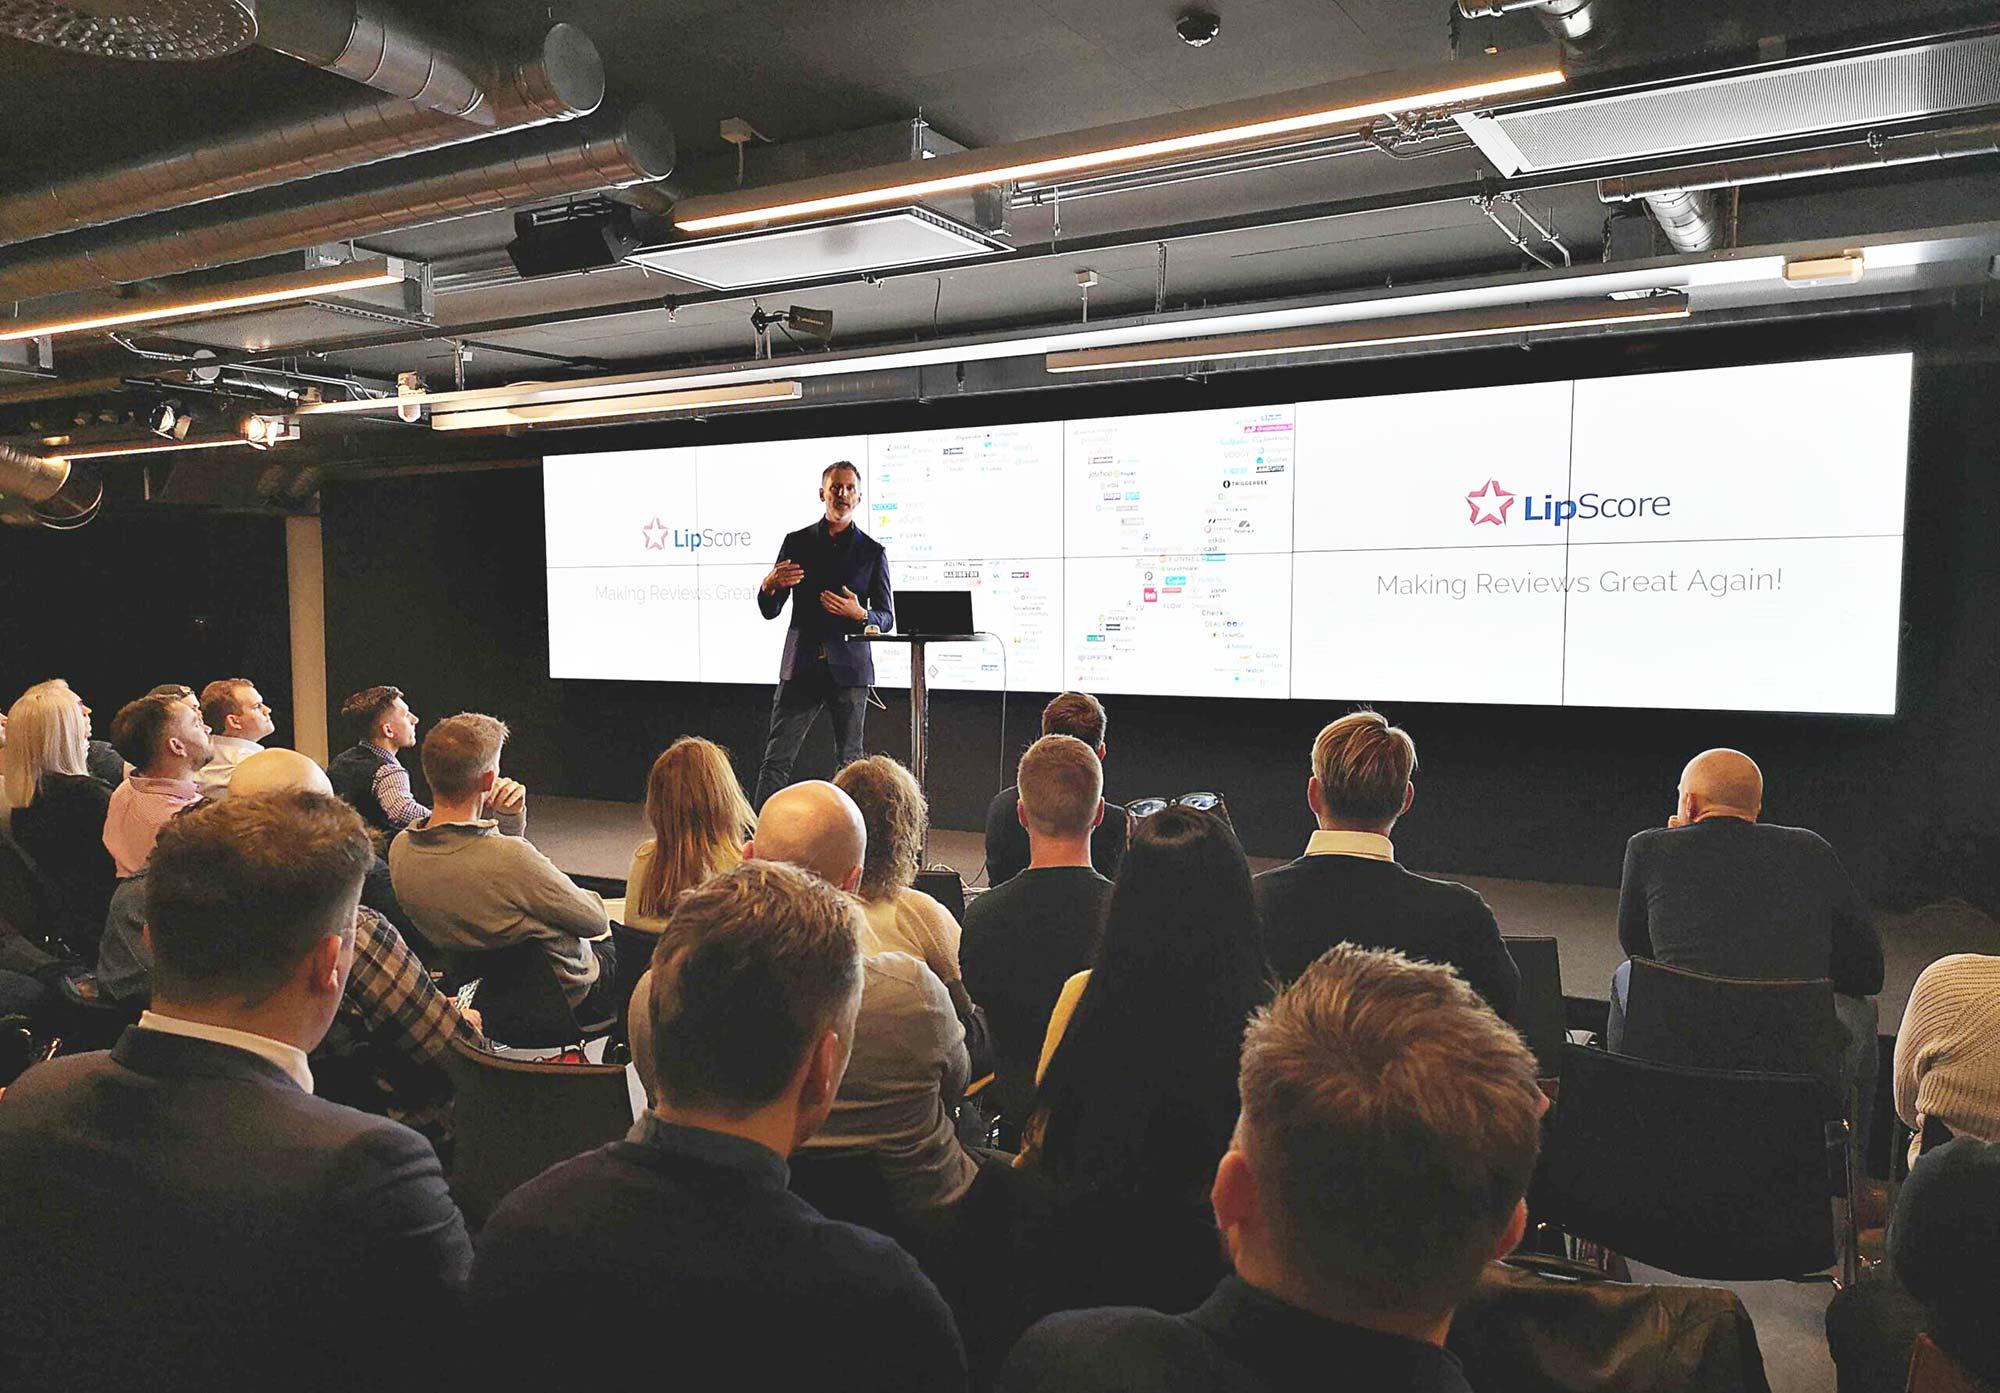 Presenting LipScore at Martech Oslo